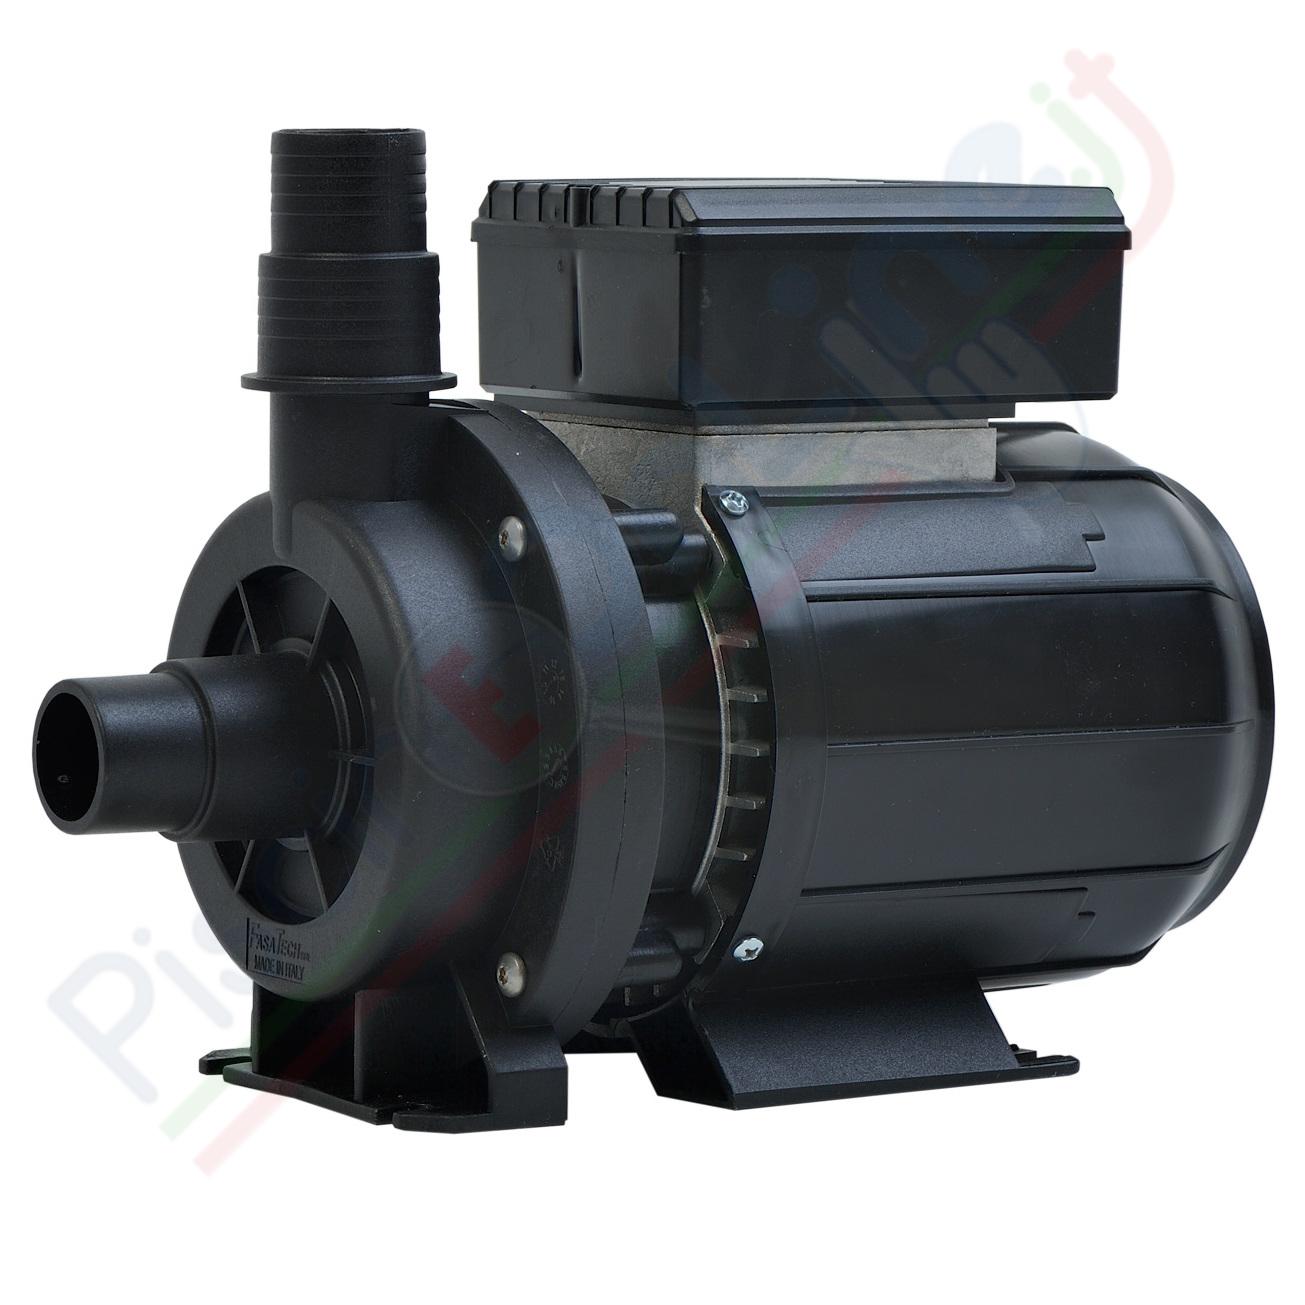 pompa filtro KI-F4